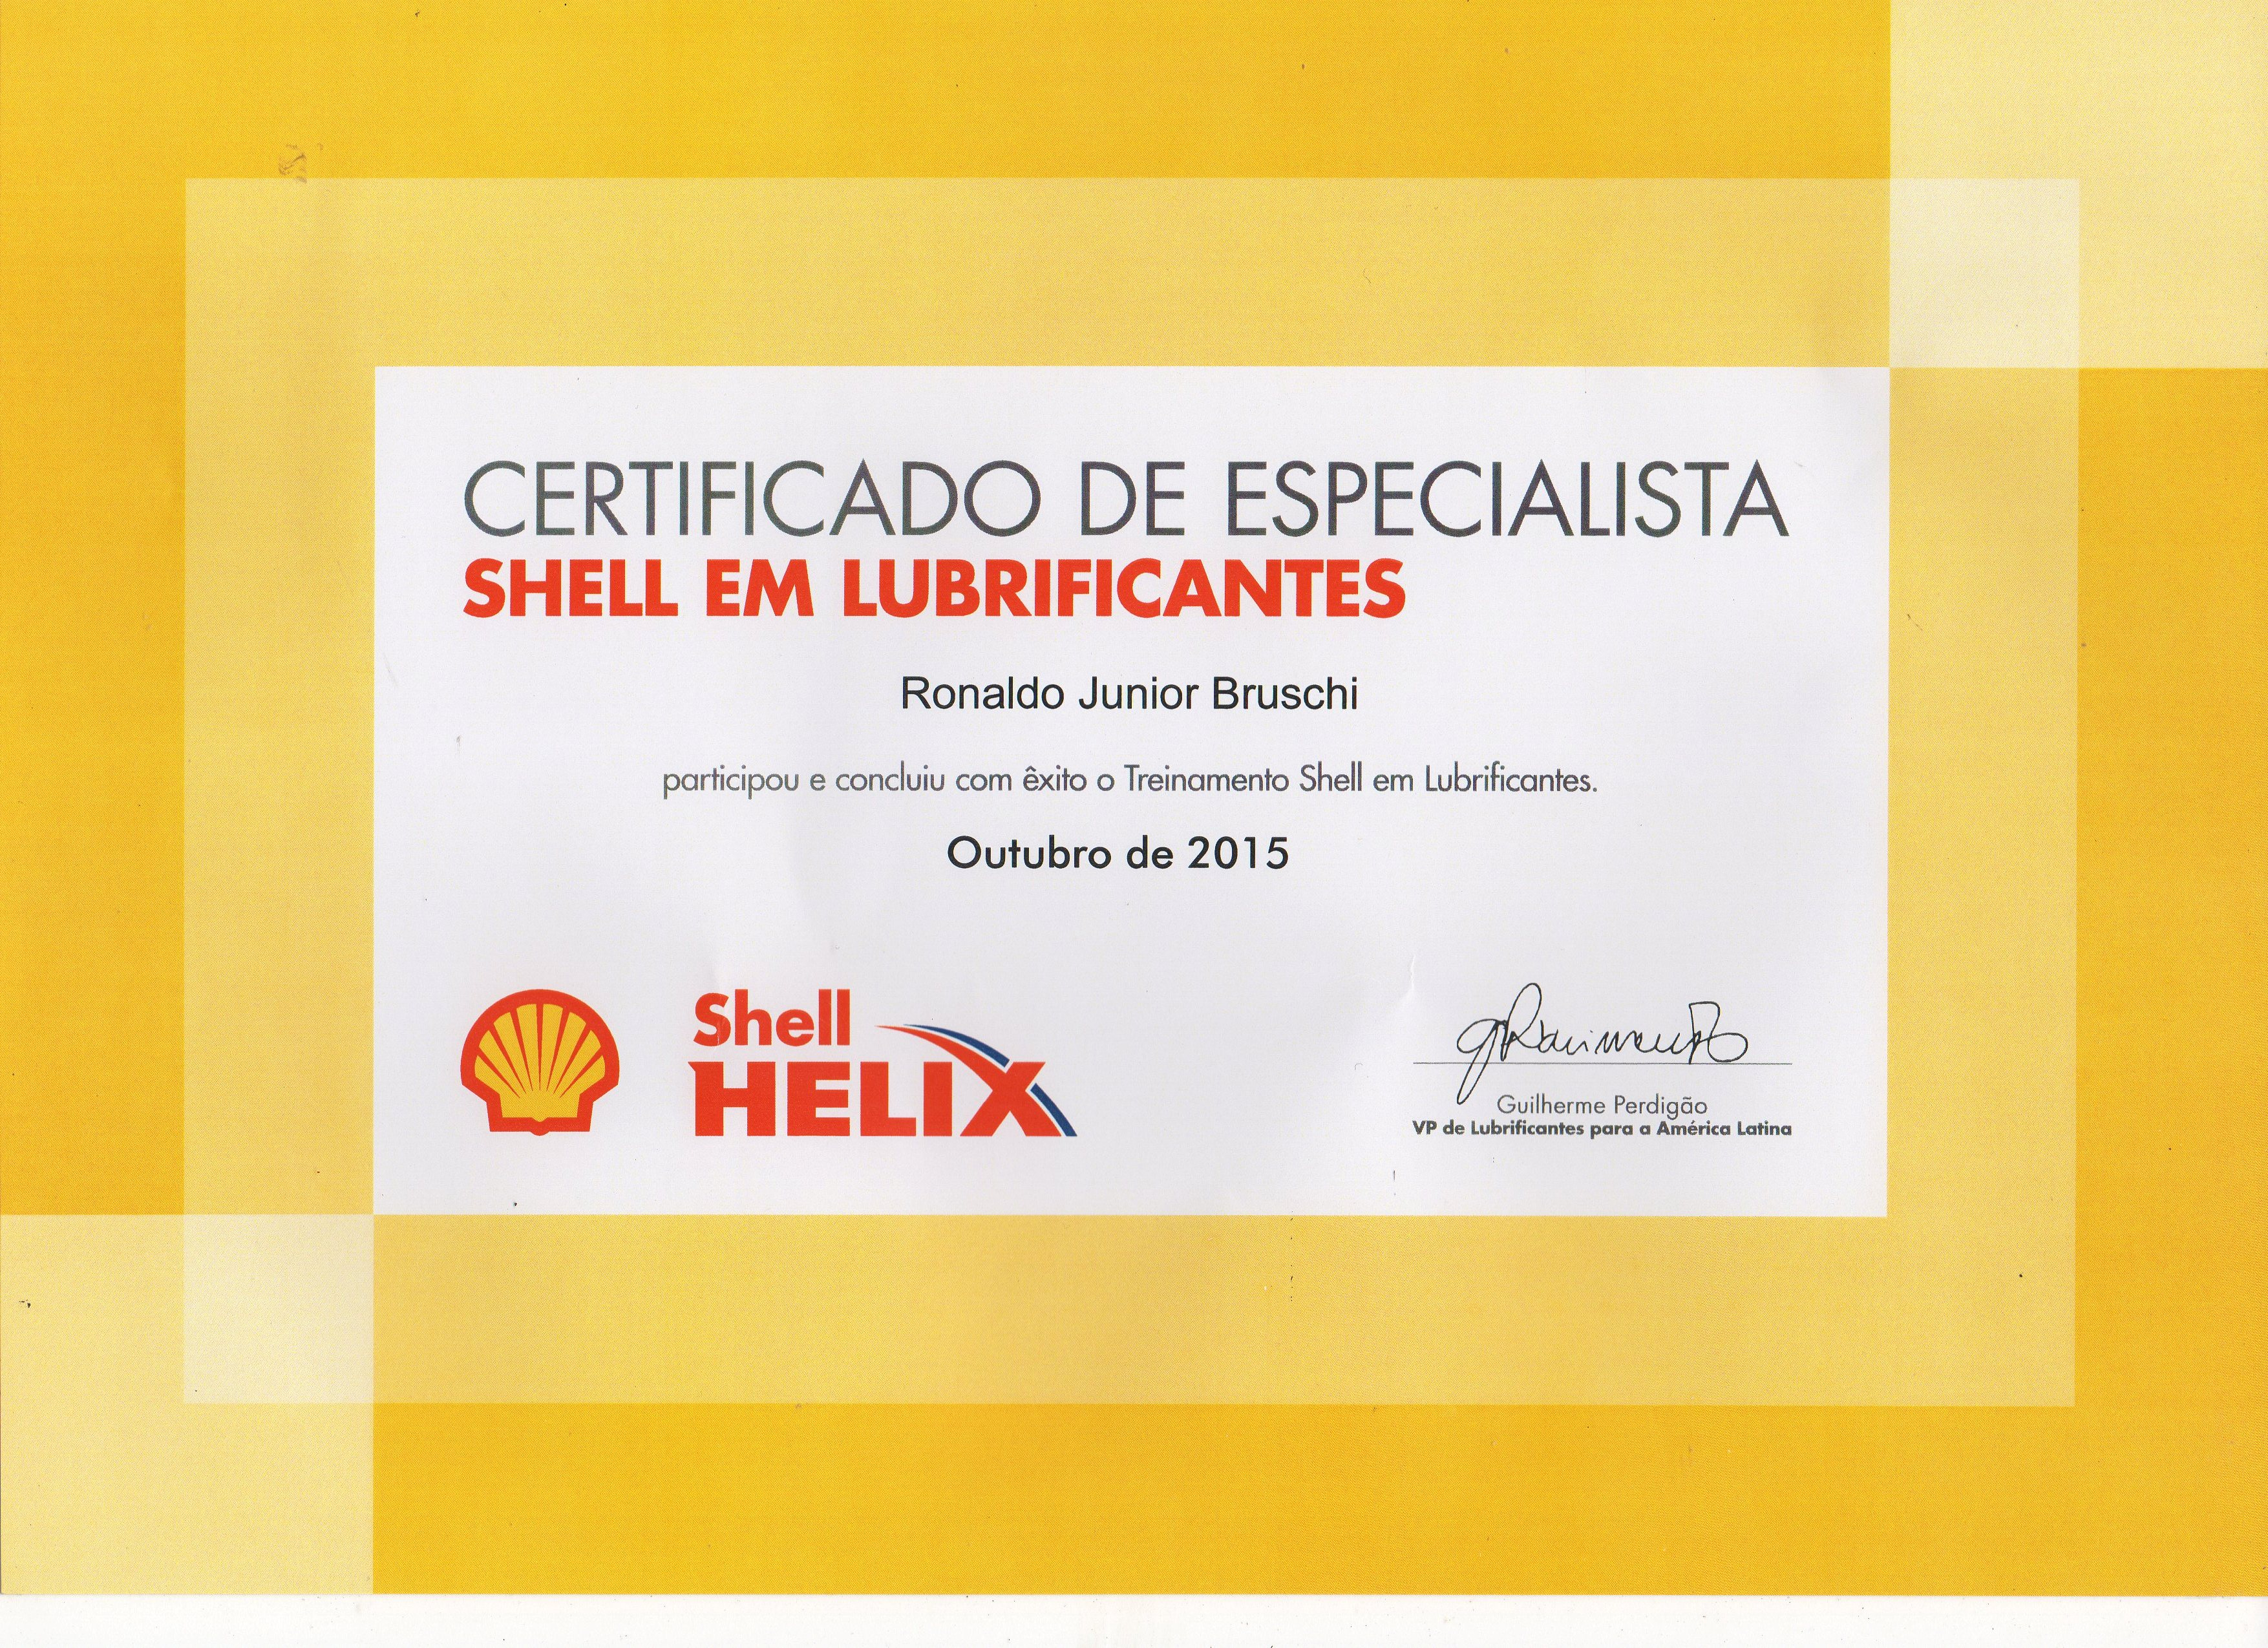 Certificado de Especialista Shell em Lubrificantes